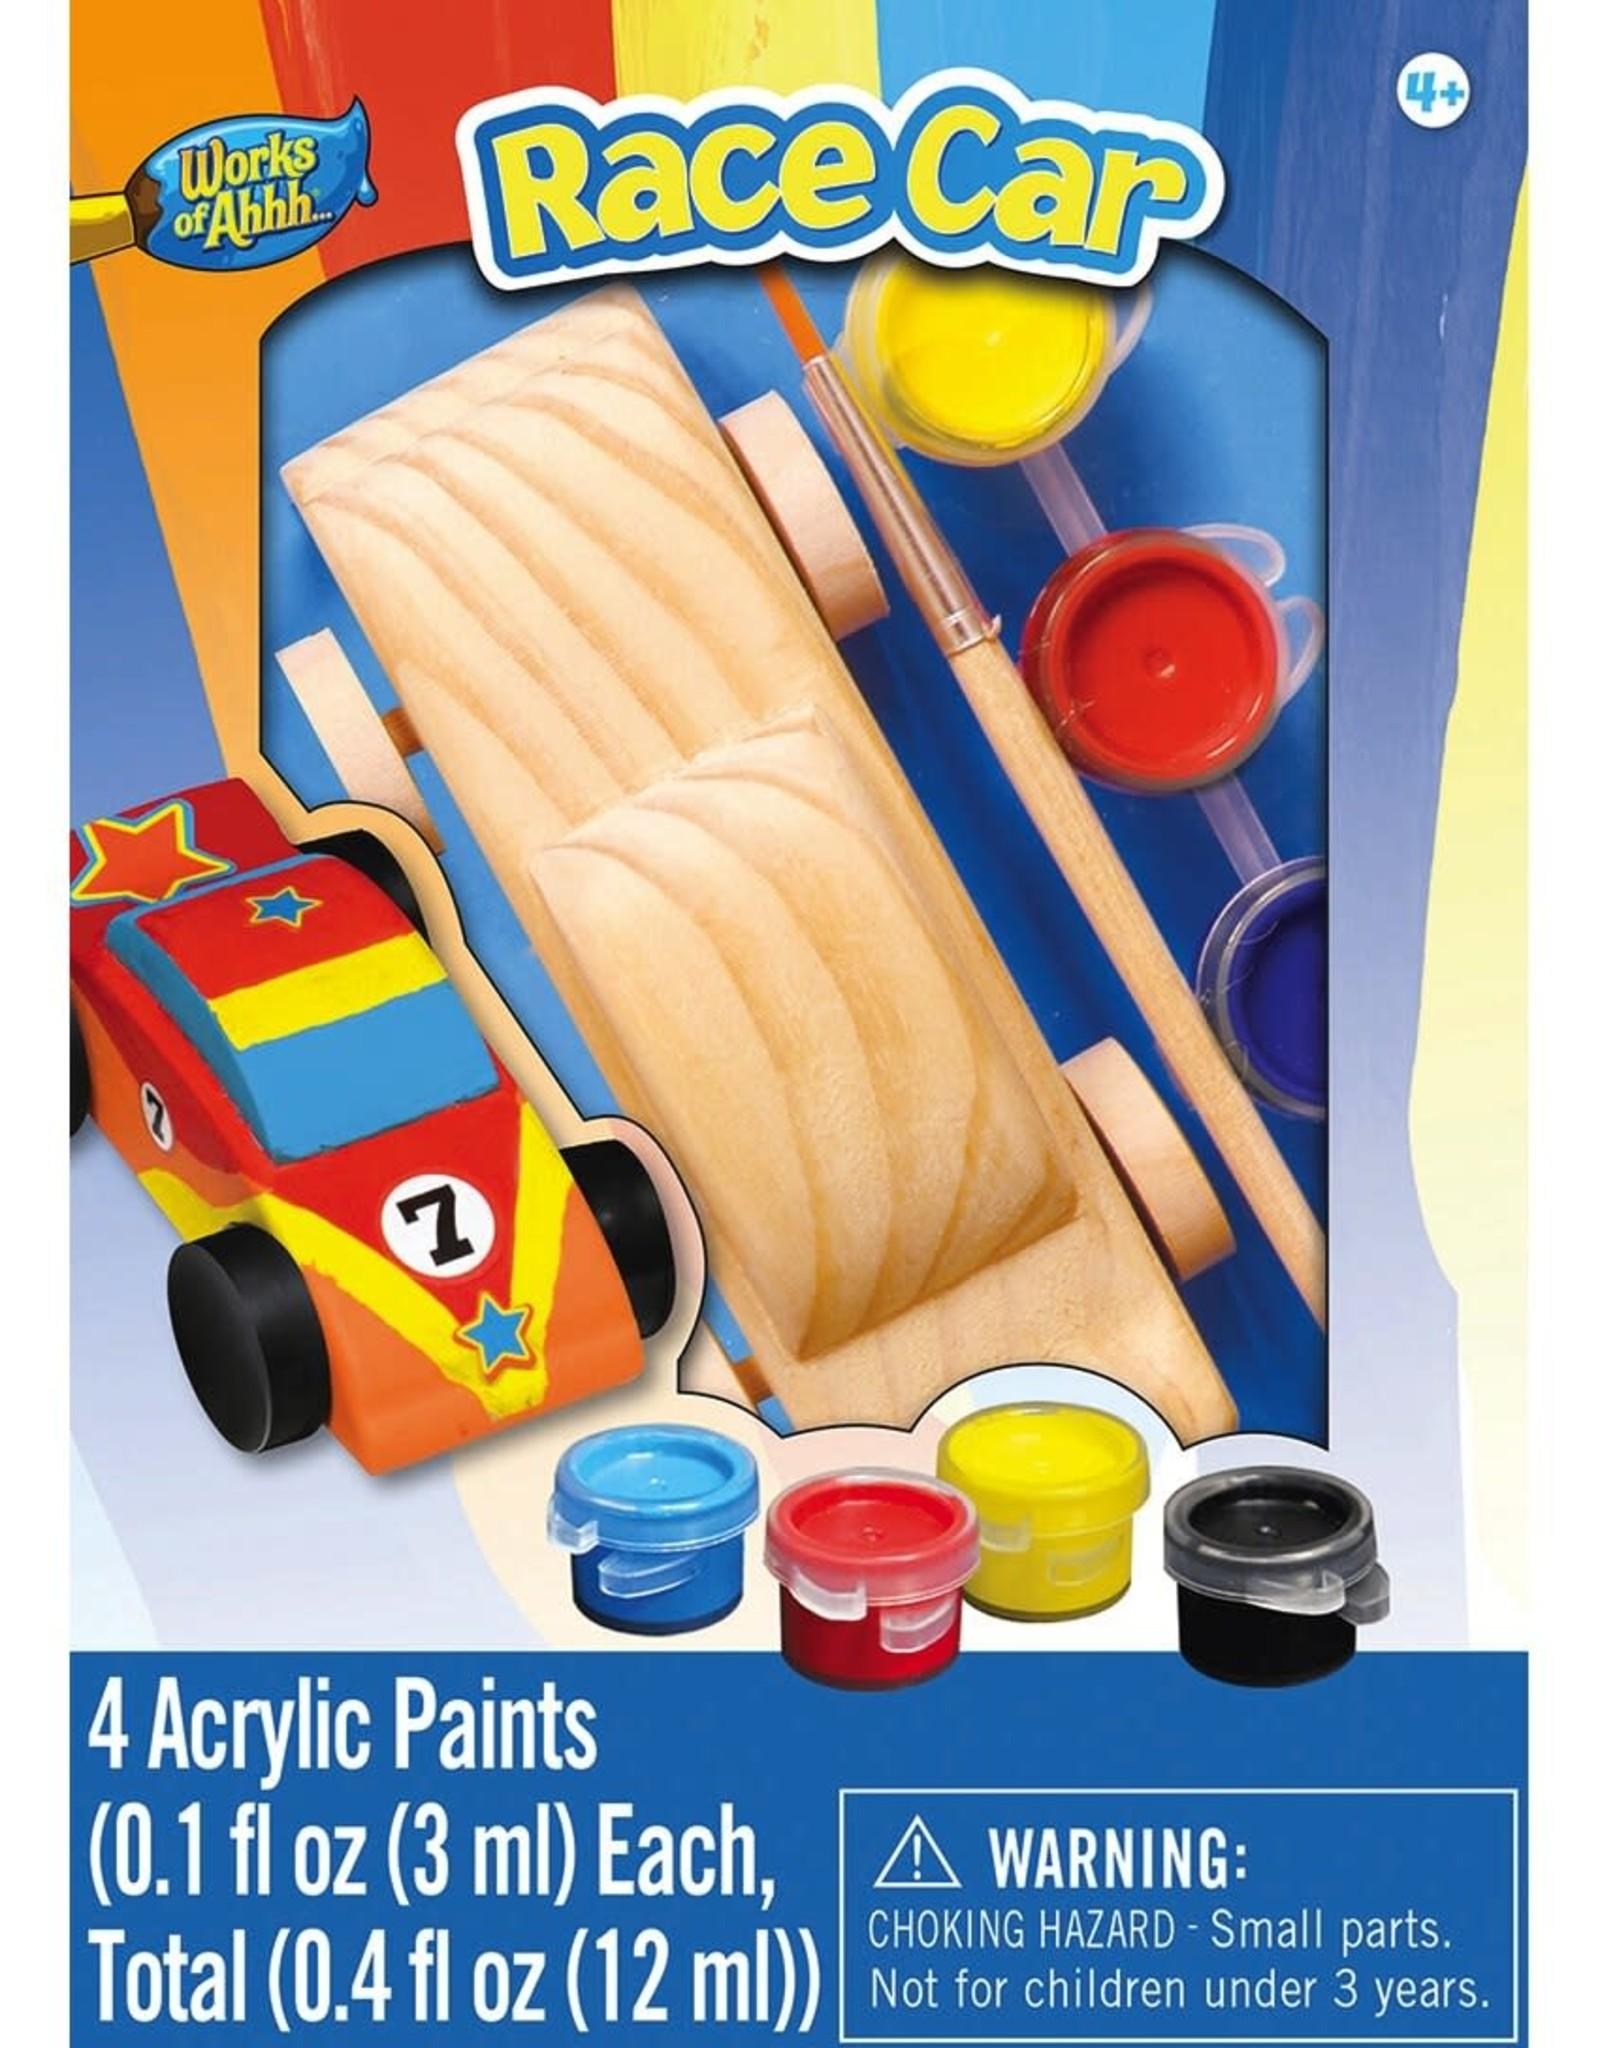 Works of Ahhh Paint Kit Race Car